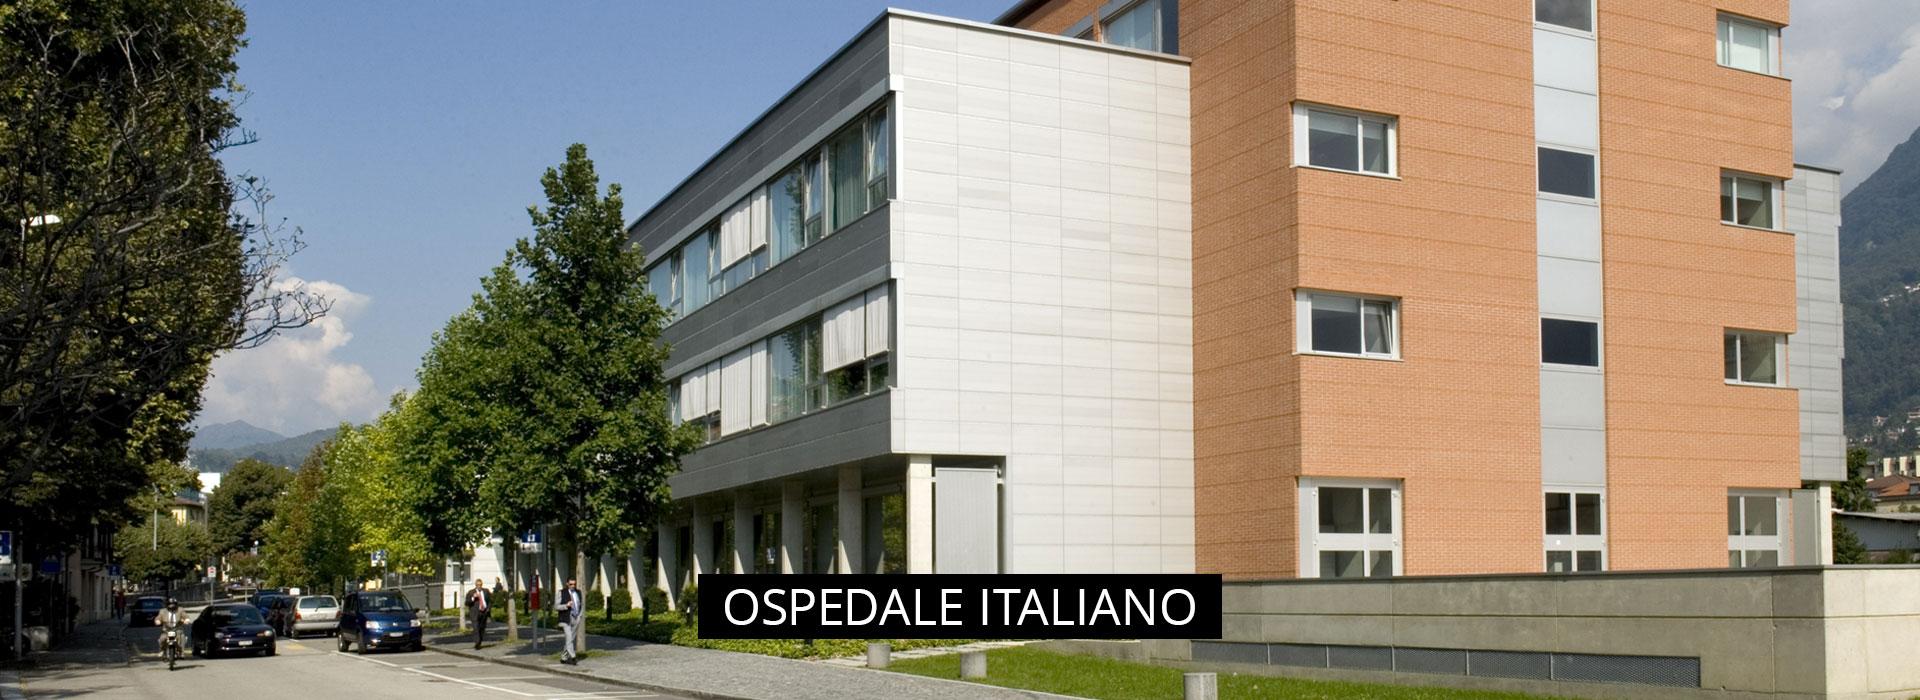 OSPEDALE-ITALIANO